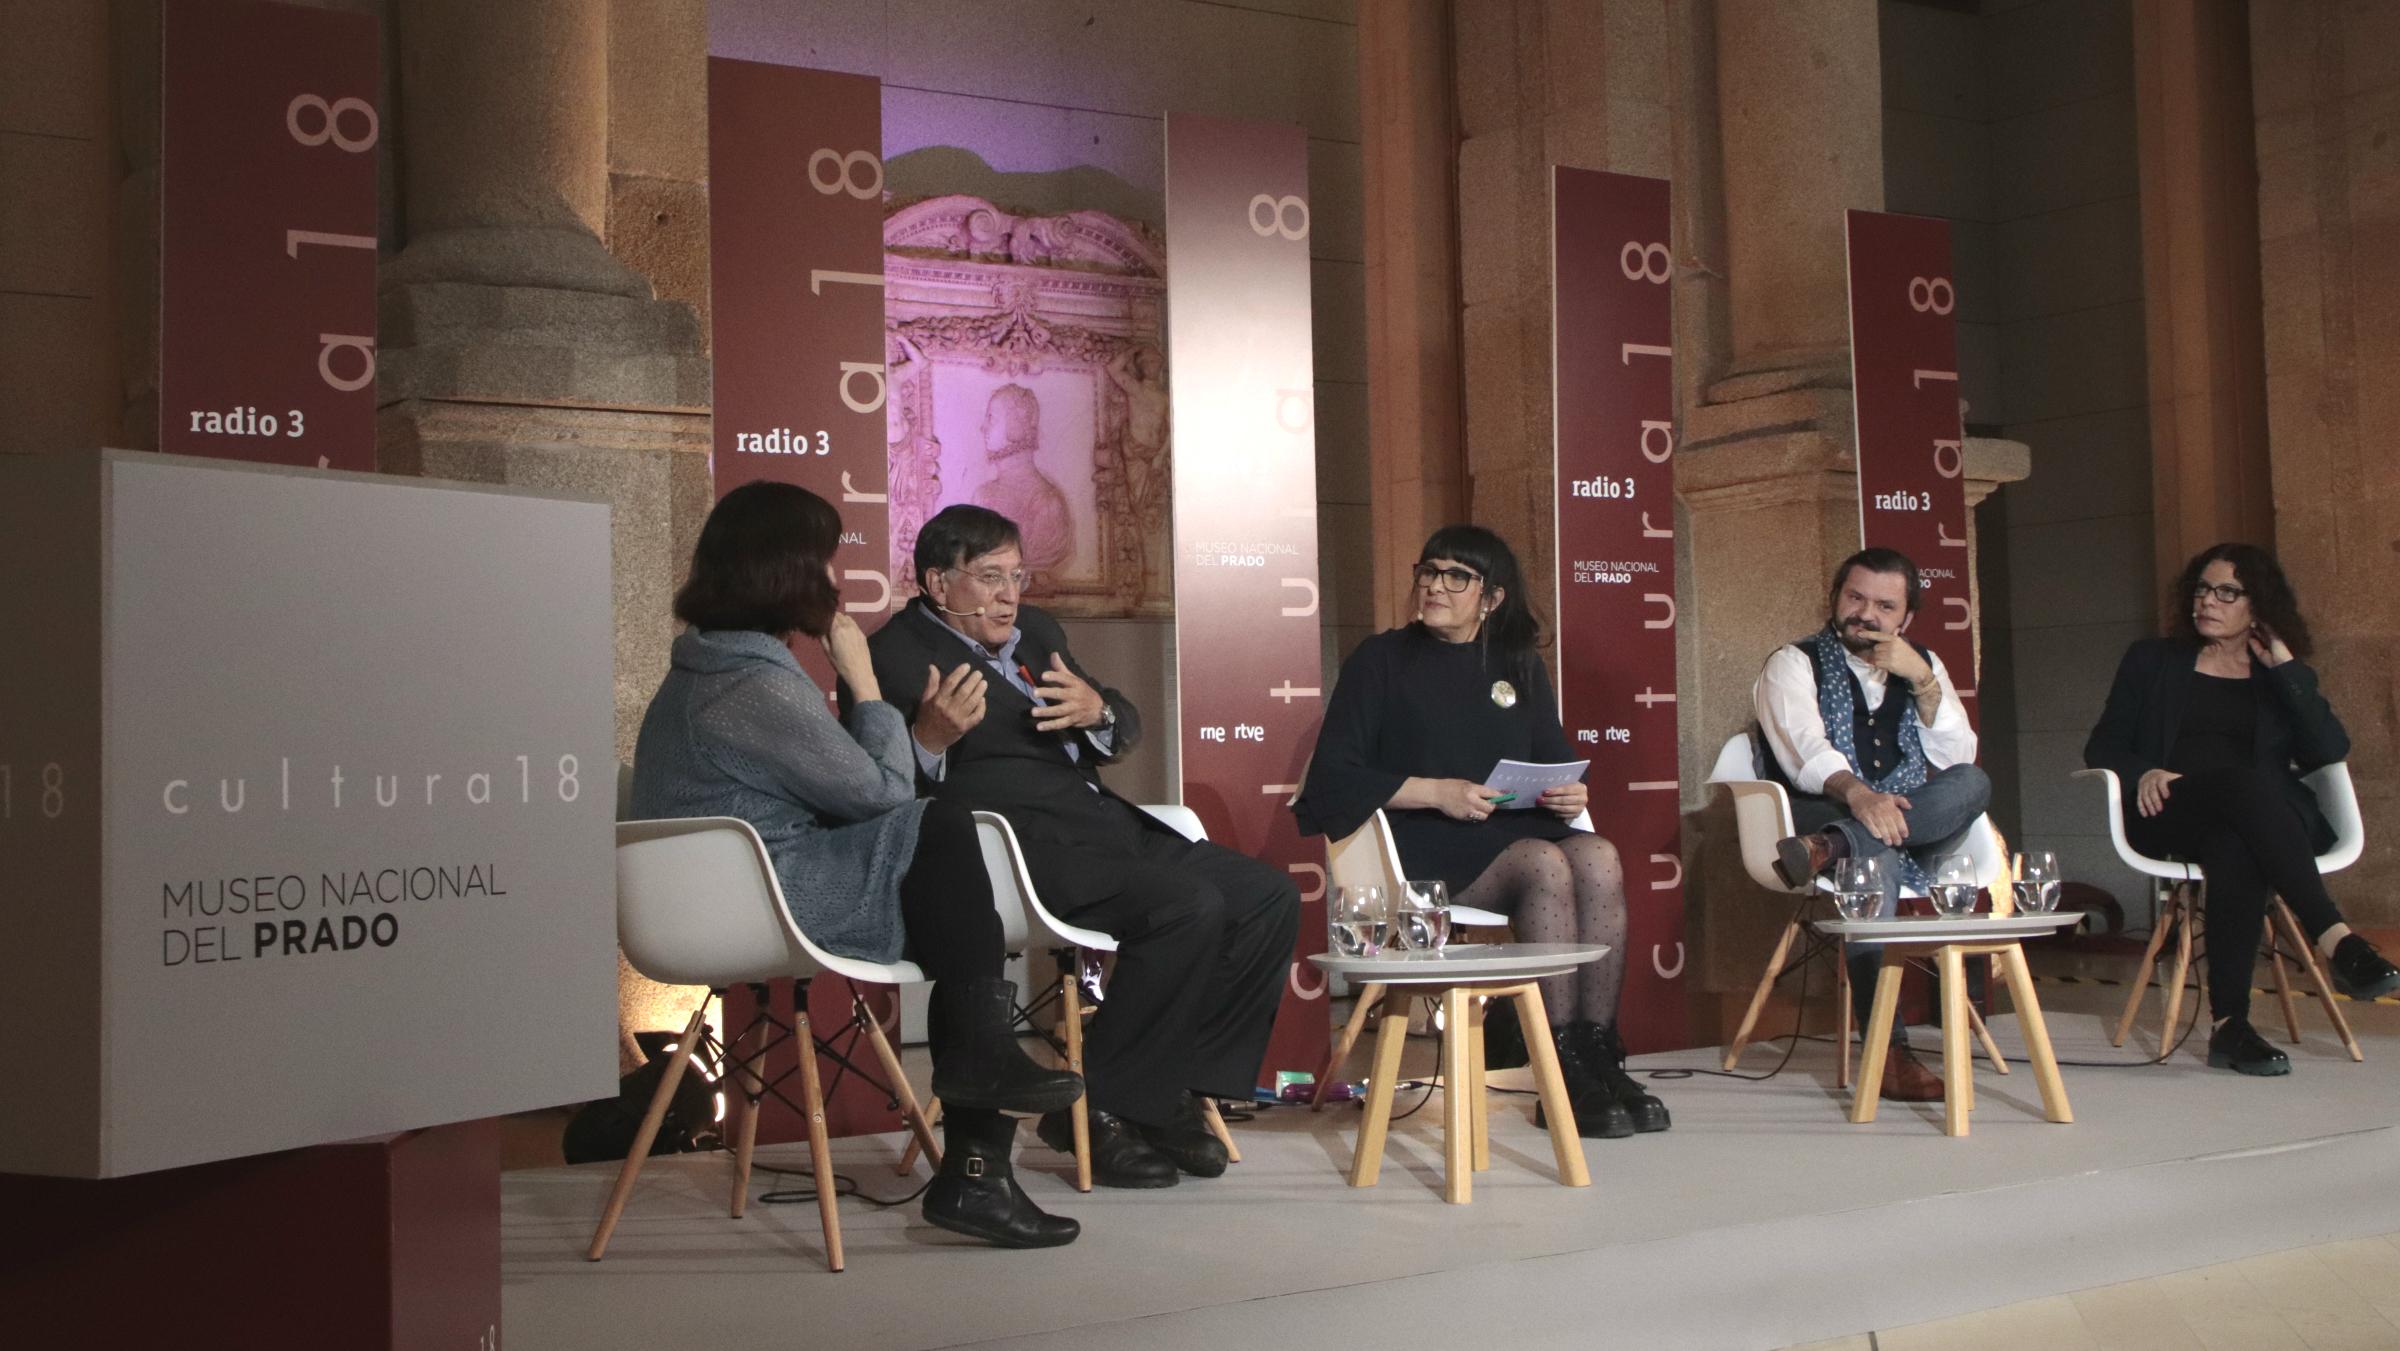 VÍDEO: Cultura y medioambiente